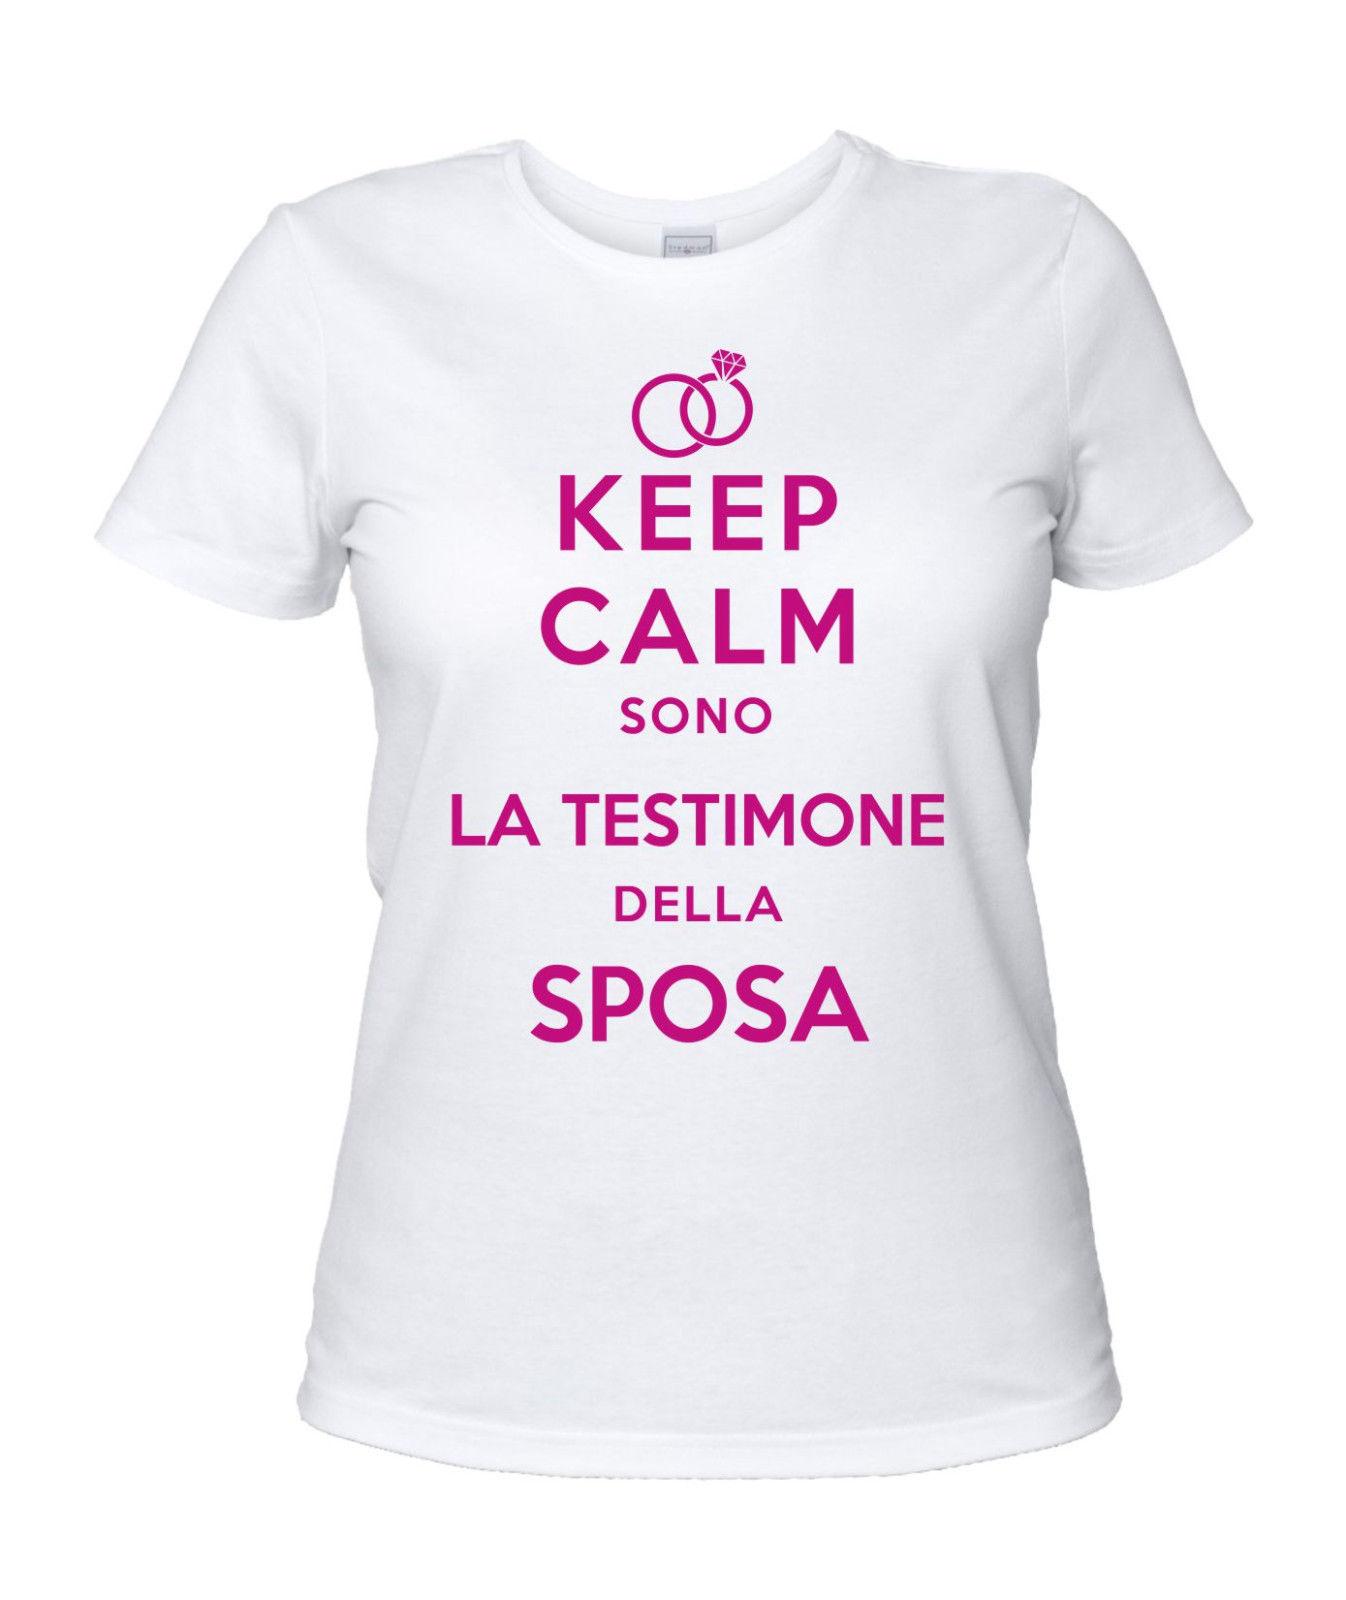 caf0226f64dc magliette keep calm addio al nubilato testimone della sposaSposatelier